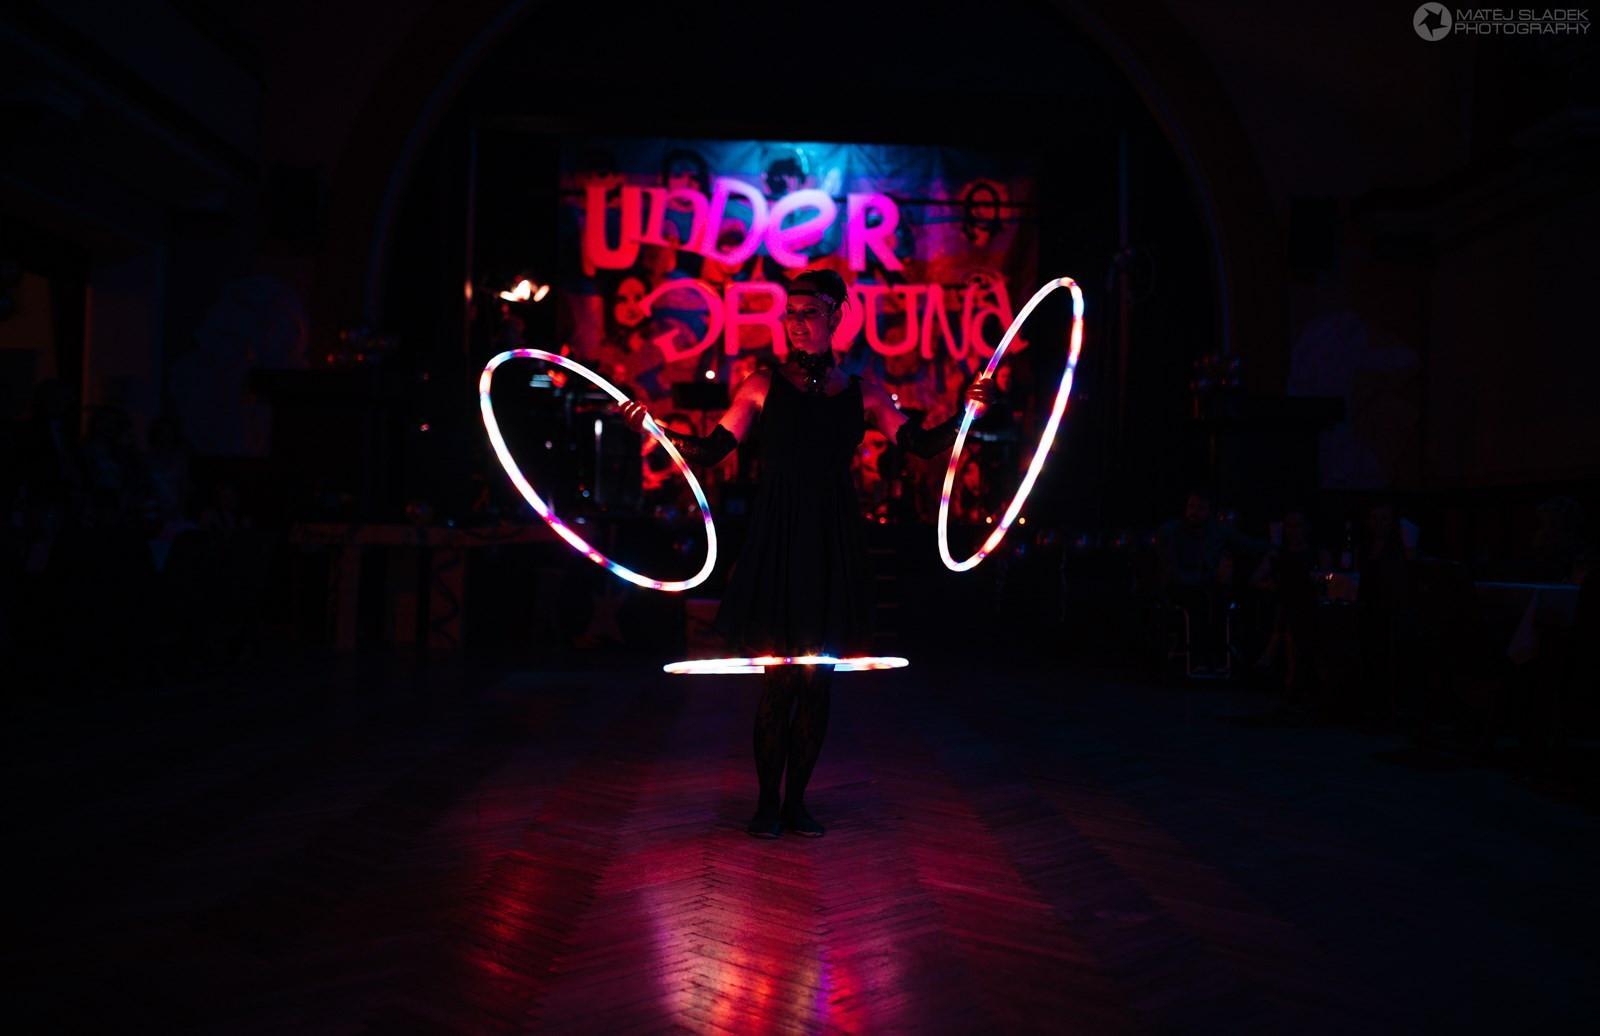 Underground ball